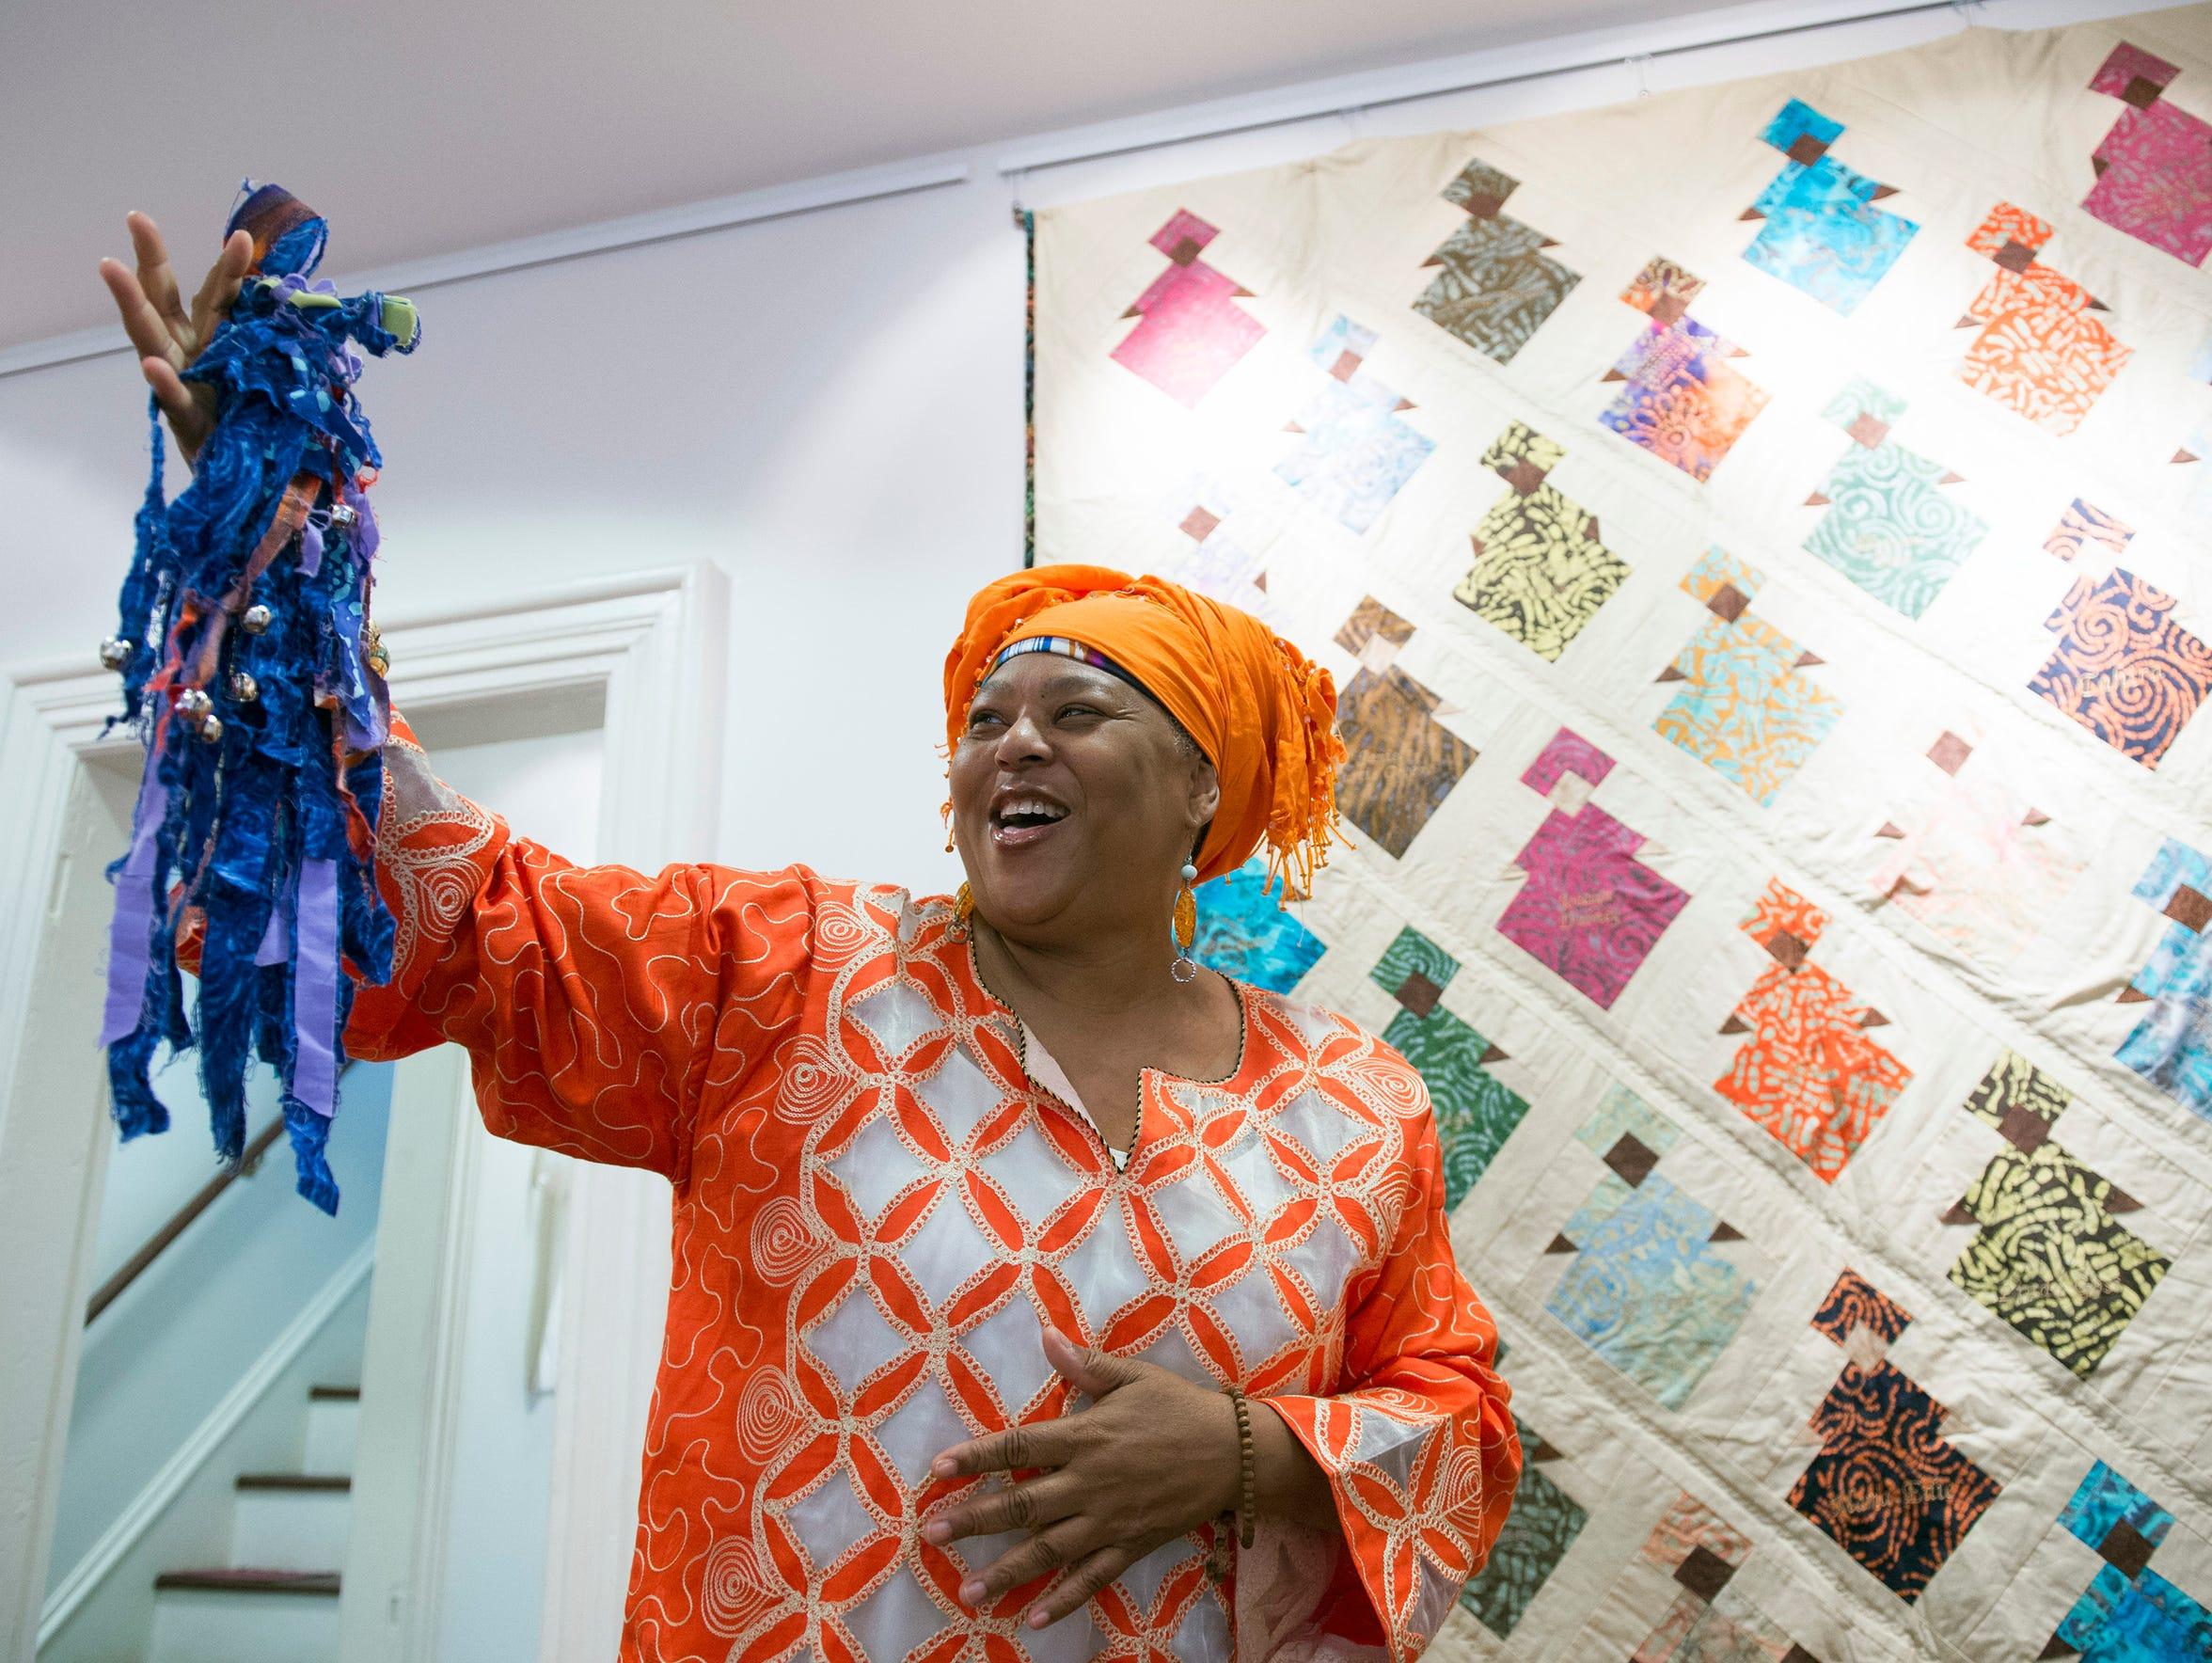 Karen 'Queen Nur' Abdul-Malik displays one of the dolls